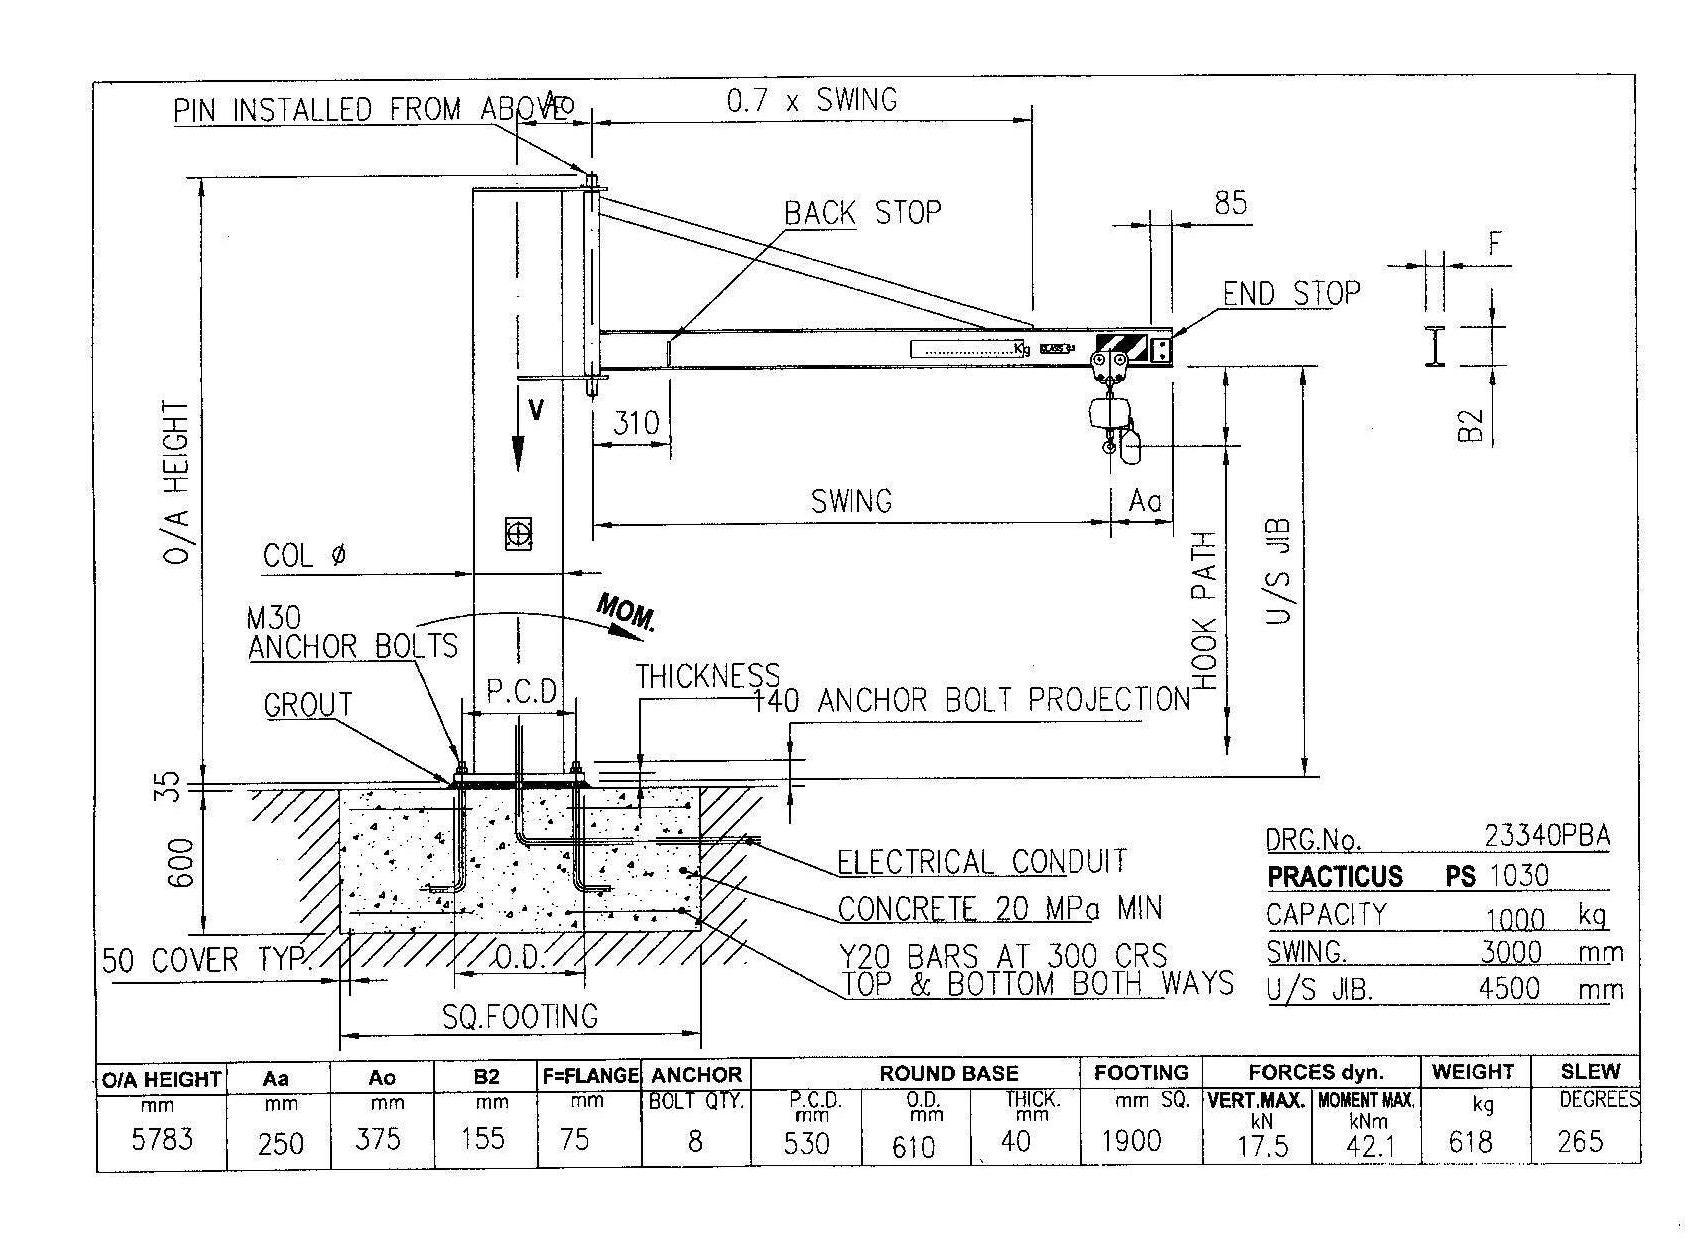 Similiar Jib Crane Foundation Design Keywords